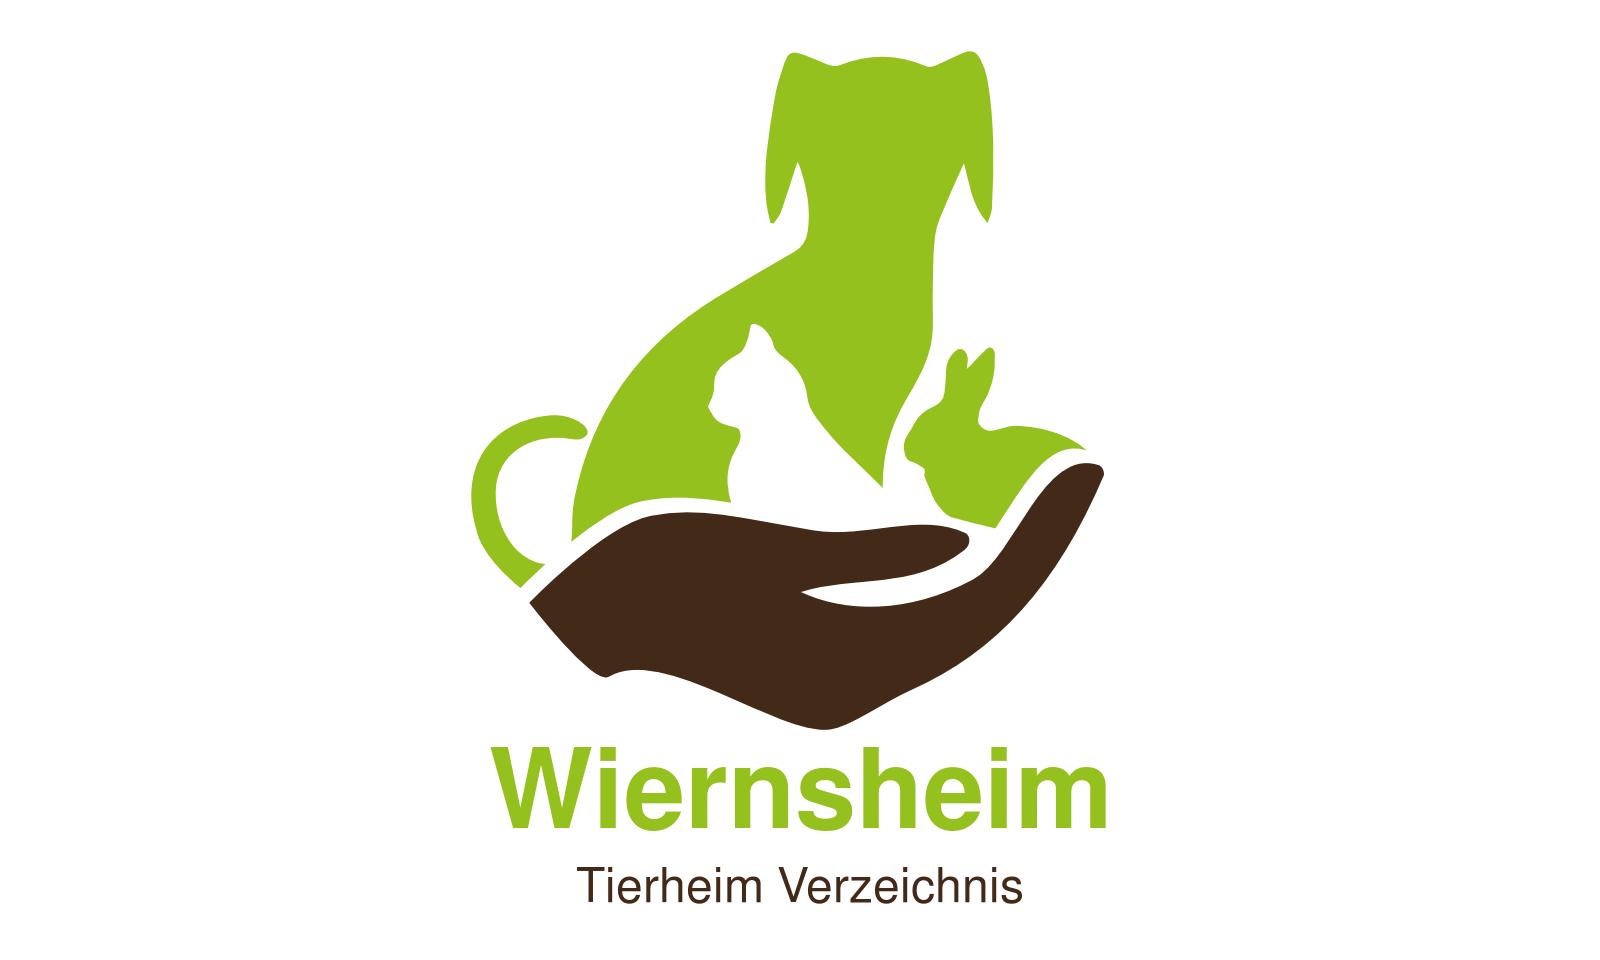 Tierheim Wiernsheim